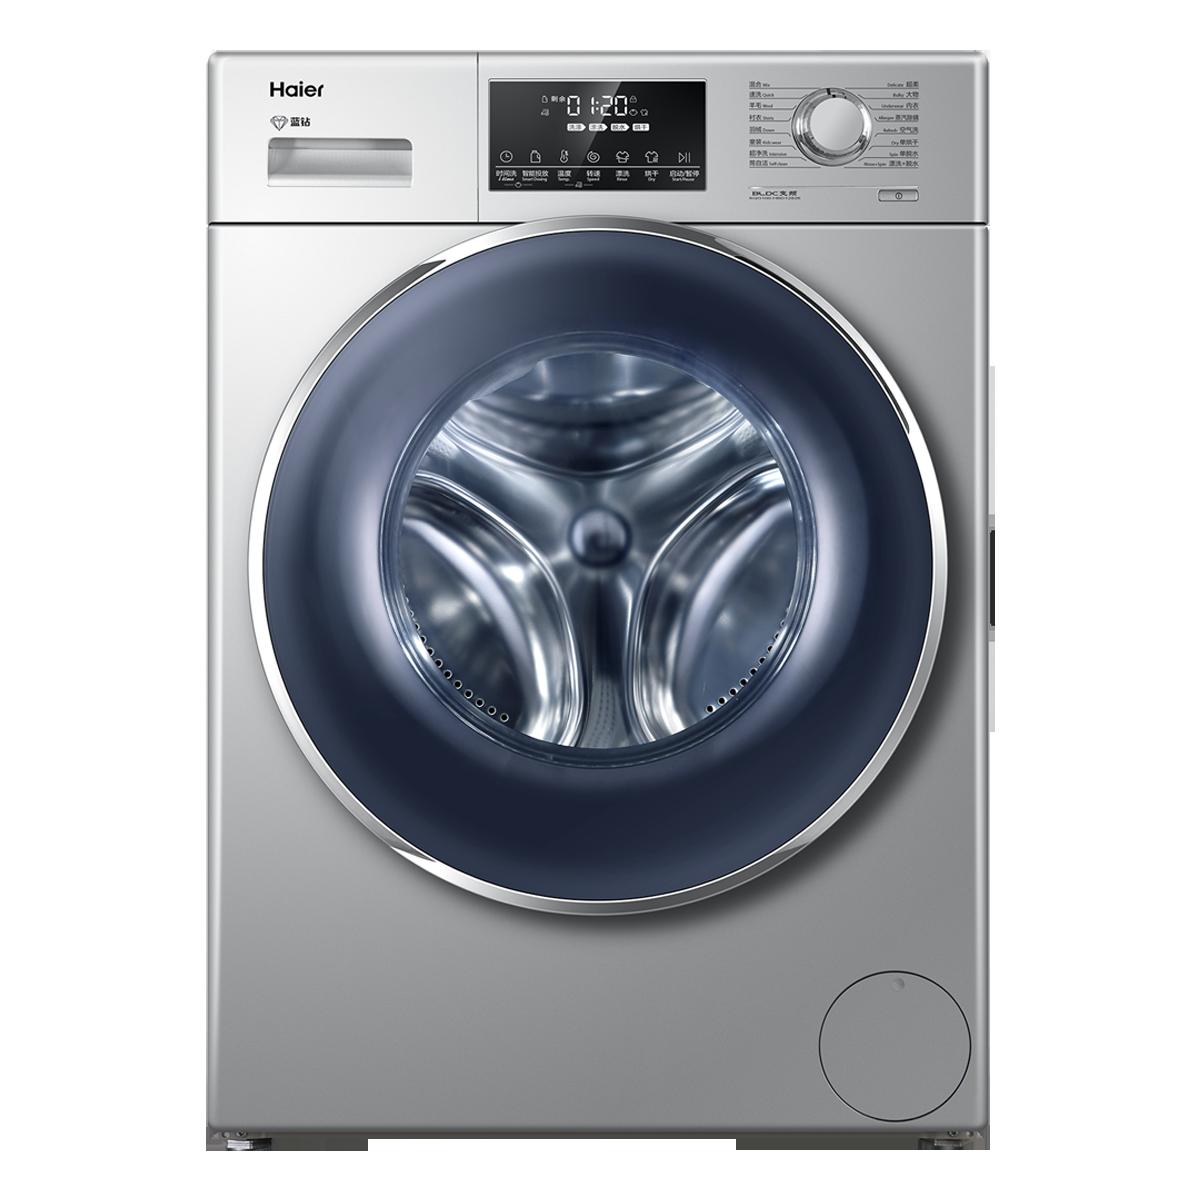 海尔Haier洗衣机 XQG100-HBD12826 说明书